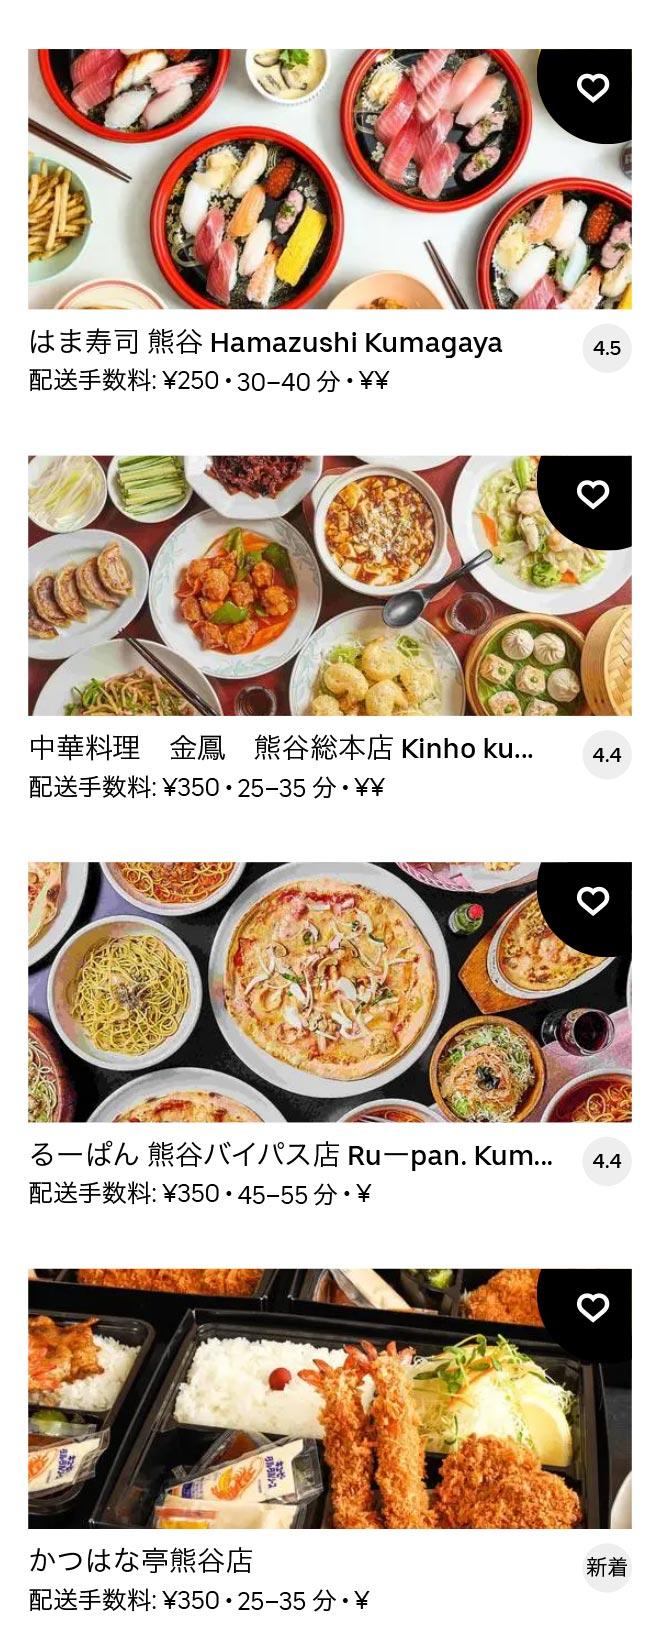 Kumagaya menu 2101 09